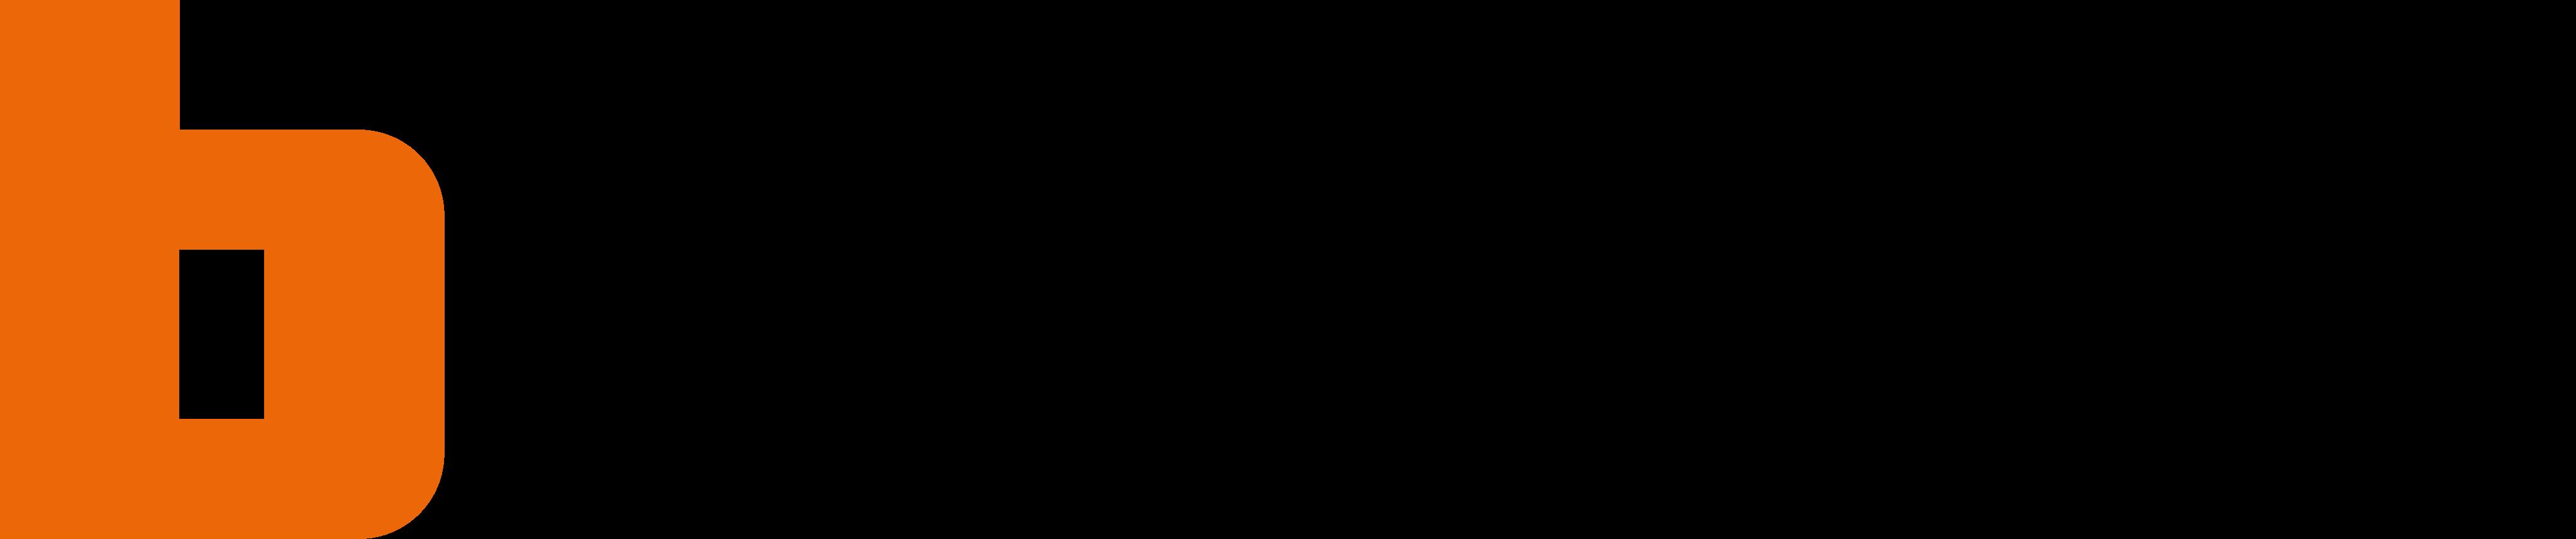 bticino logo - Bticino Logo